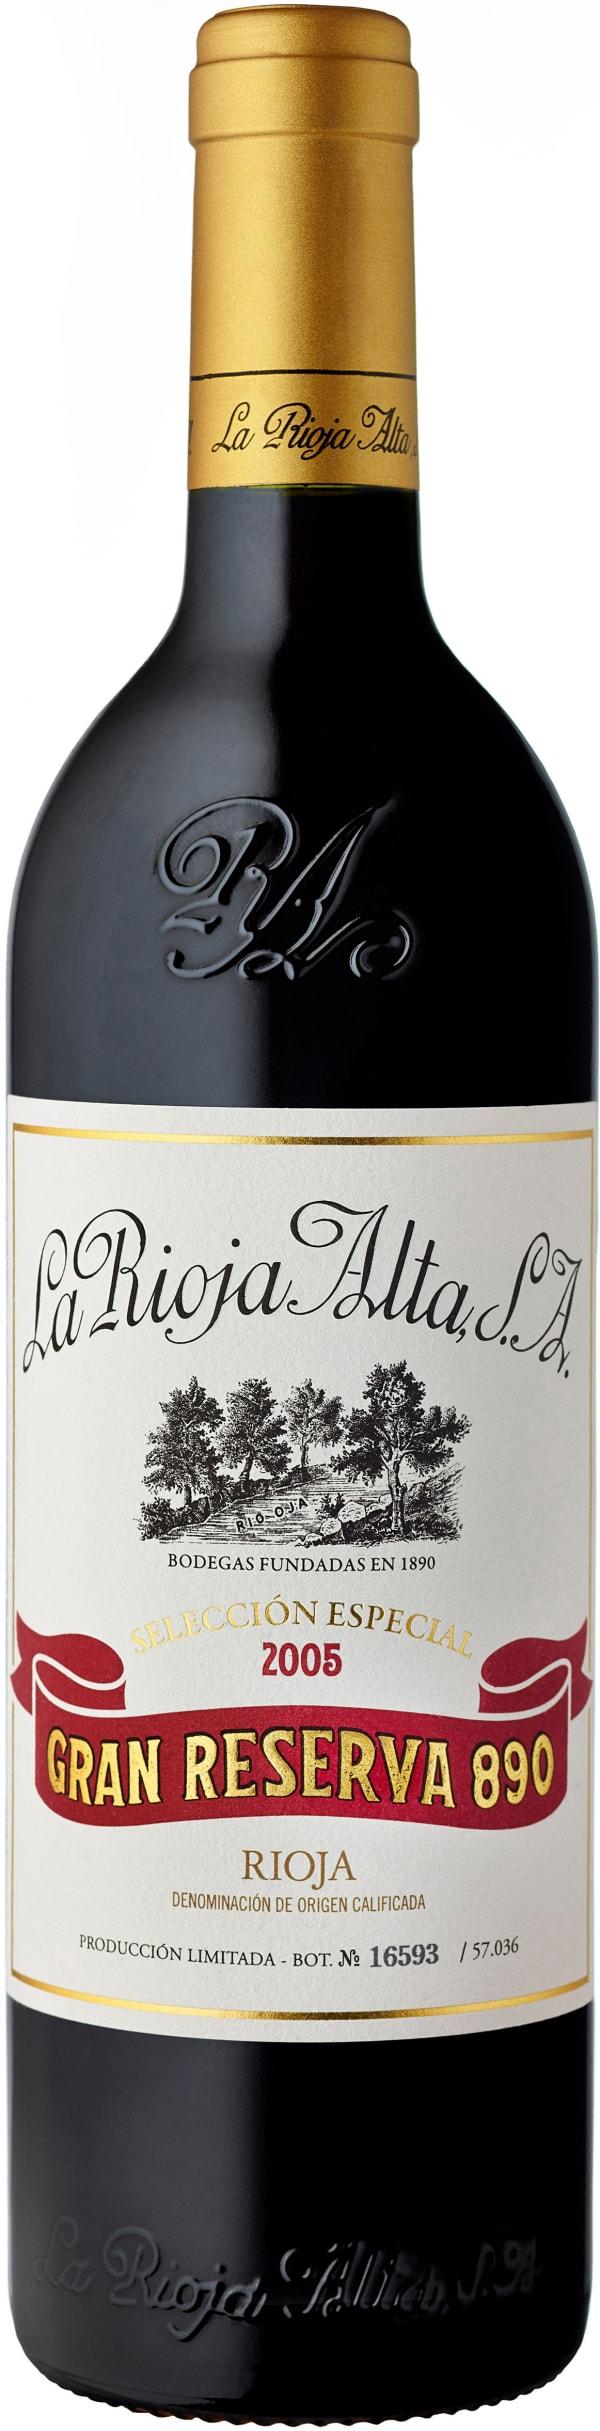 La Rioja Alta Gran Reserva 890 Selección Especial 2005